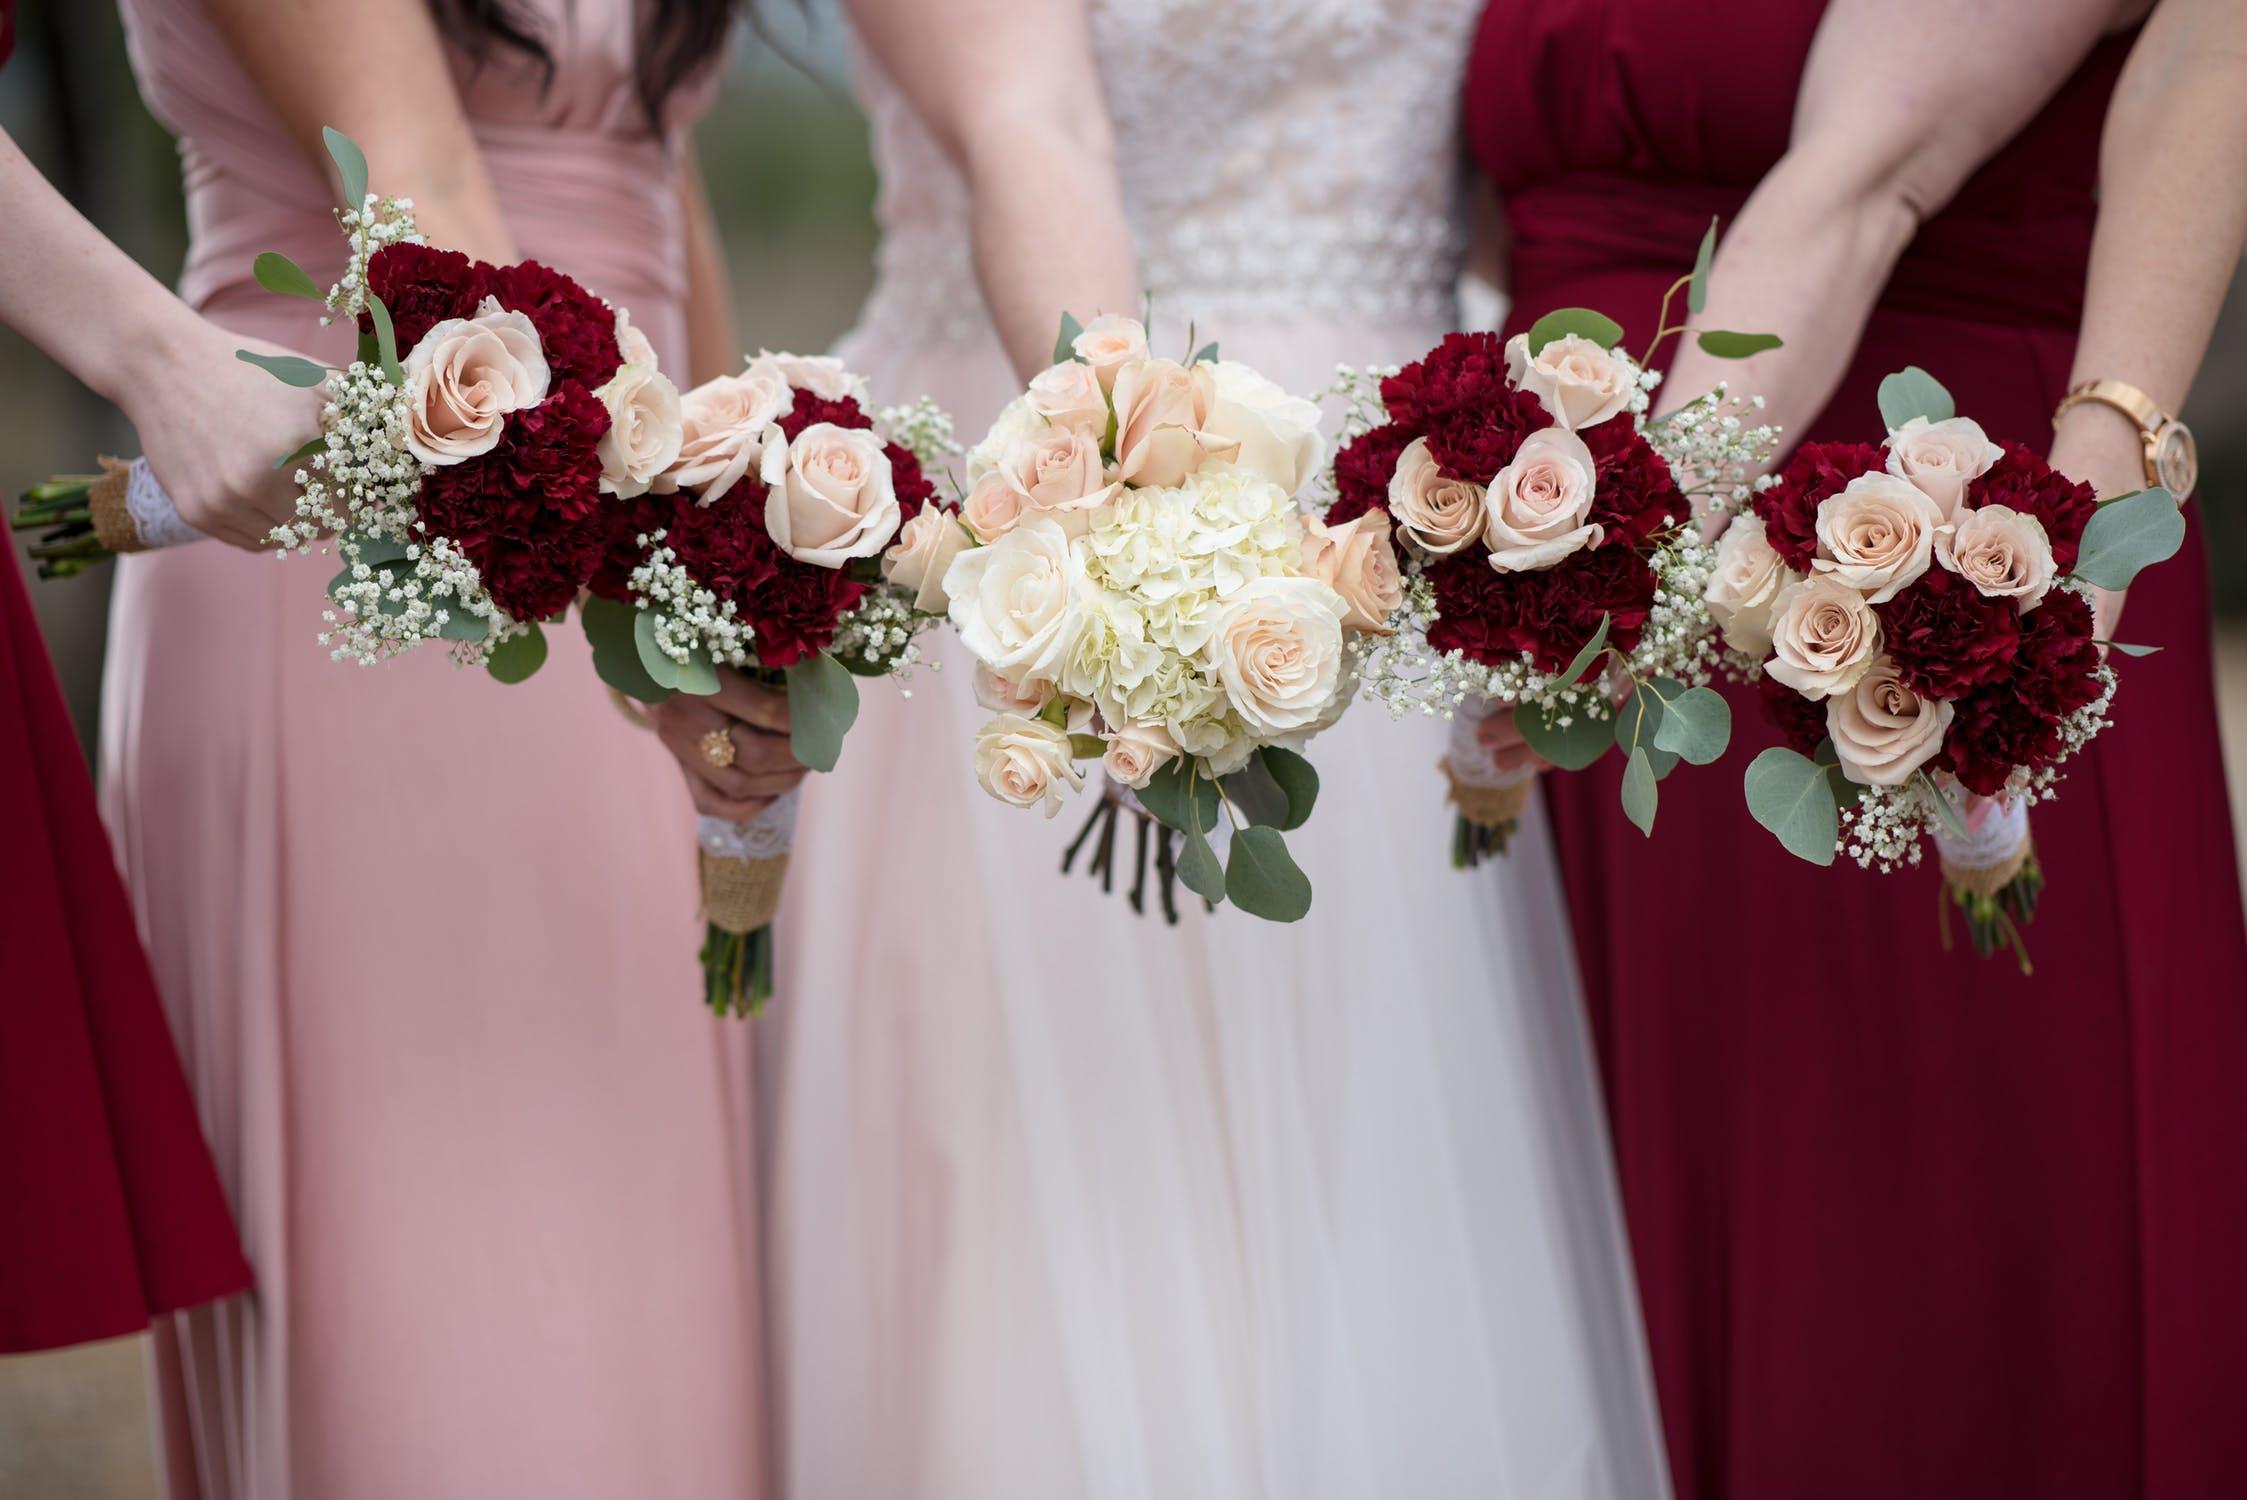 Brautjungfer Kleid - welches Kleid passt zu jedem Brautjungfer?